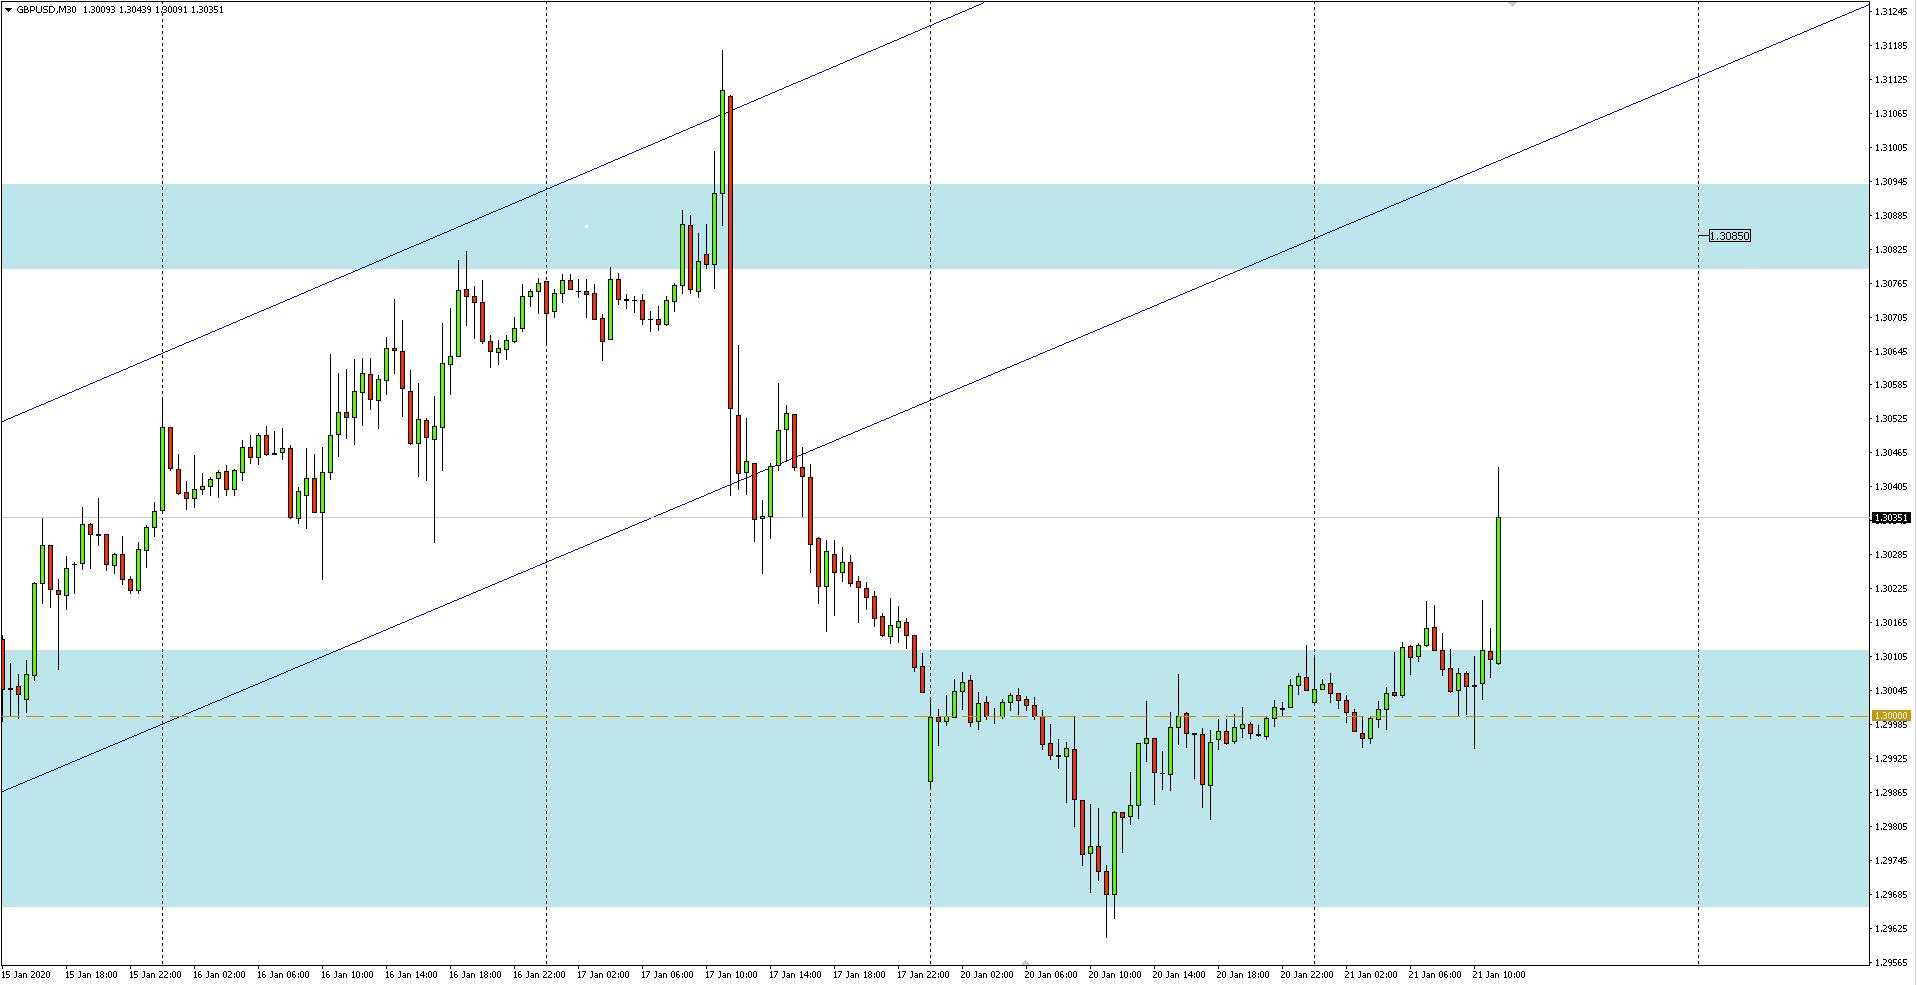 Wykres 30-minutowy pary walutowej GBPUSD - 21.01.2020 r.